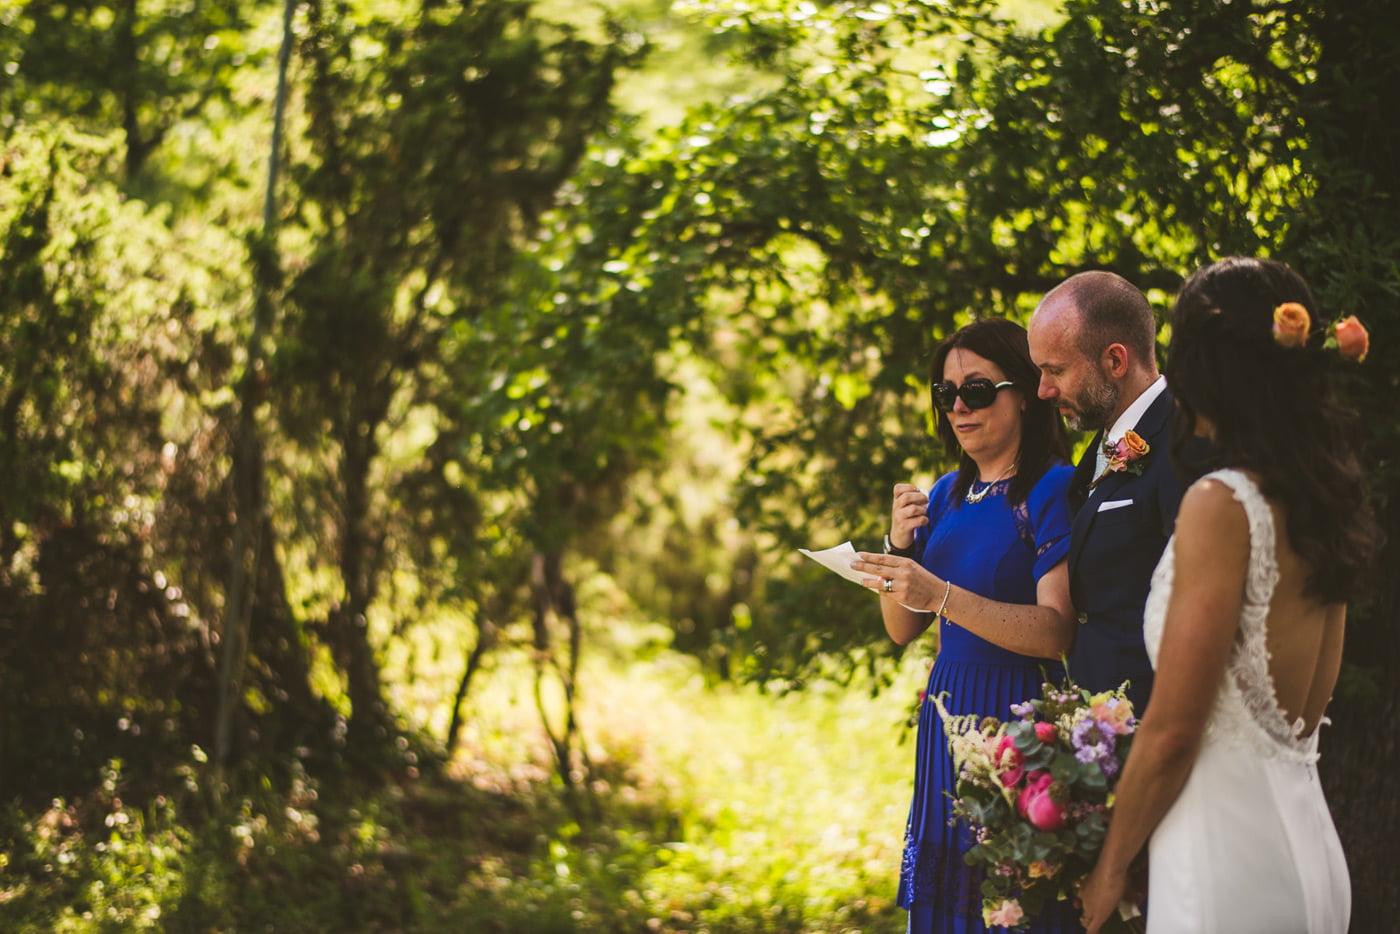 Wedding La selva Giardino Belvedere, Wedding La Selva Giardino Belvedere | M + T, Federico Pannacci